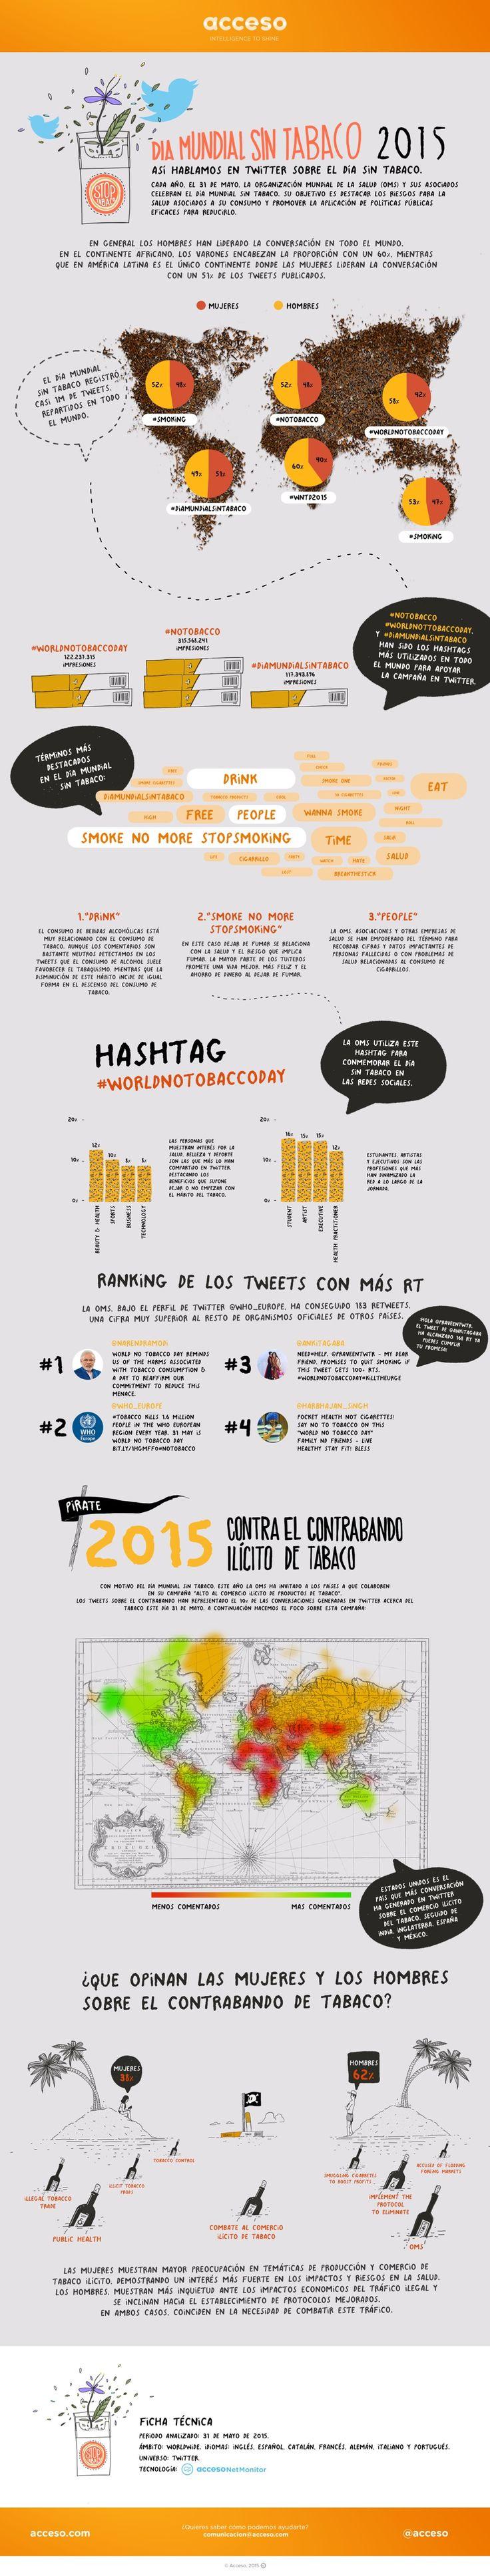 Descubre cómo se vivió el día Mundial Sin Tabaco en Twitter